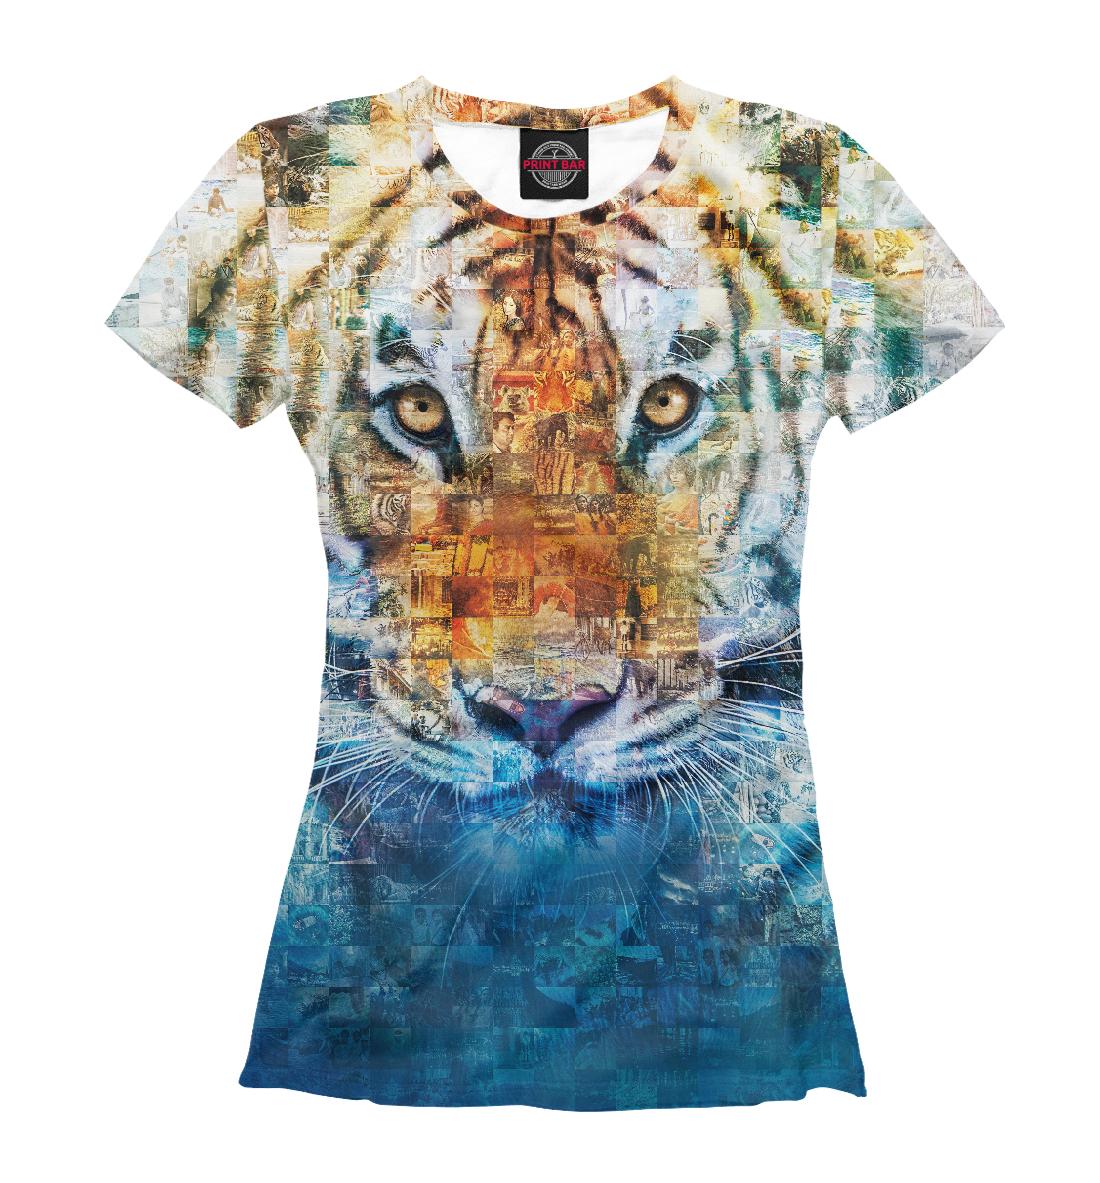 Купить Тигр - Жизнь Пи, Printbar, Футболки, HIS-149200-fut-1